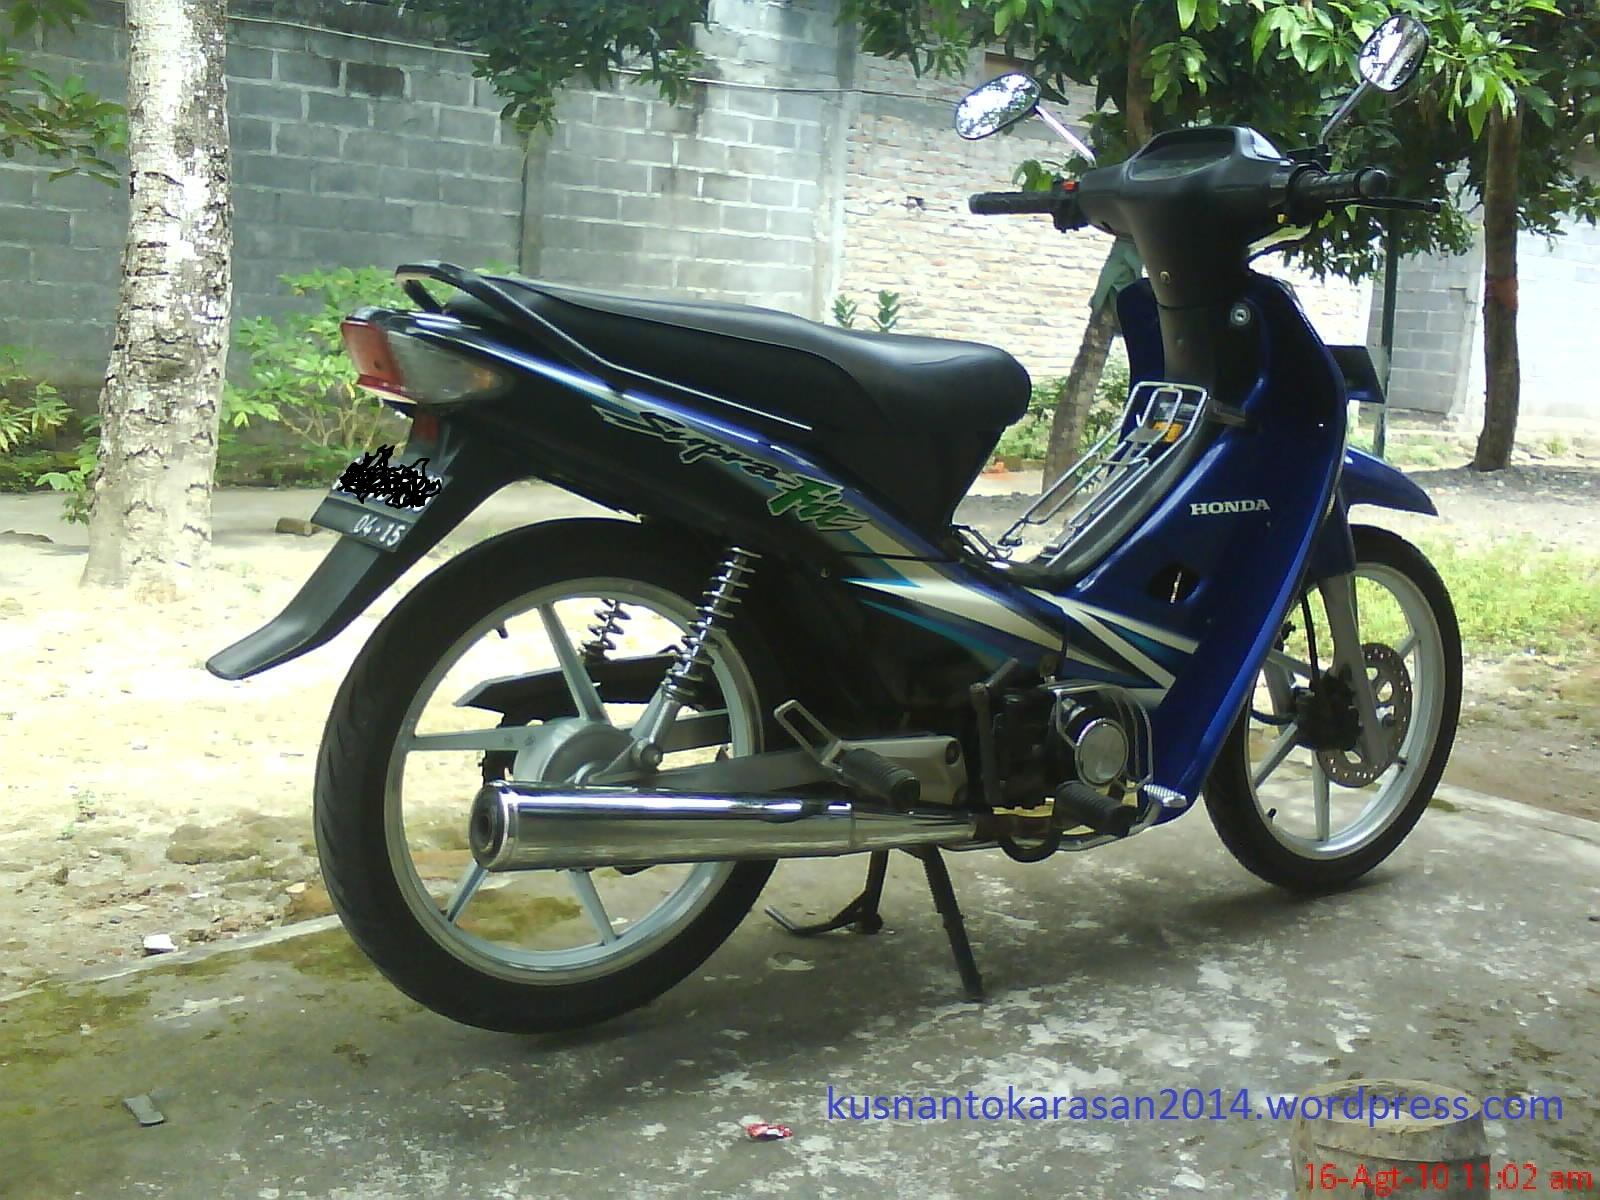 Gambar Motor Honda Supra Fit 2005 Kusnantokarasan Com